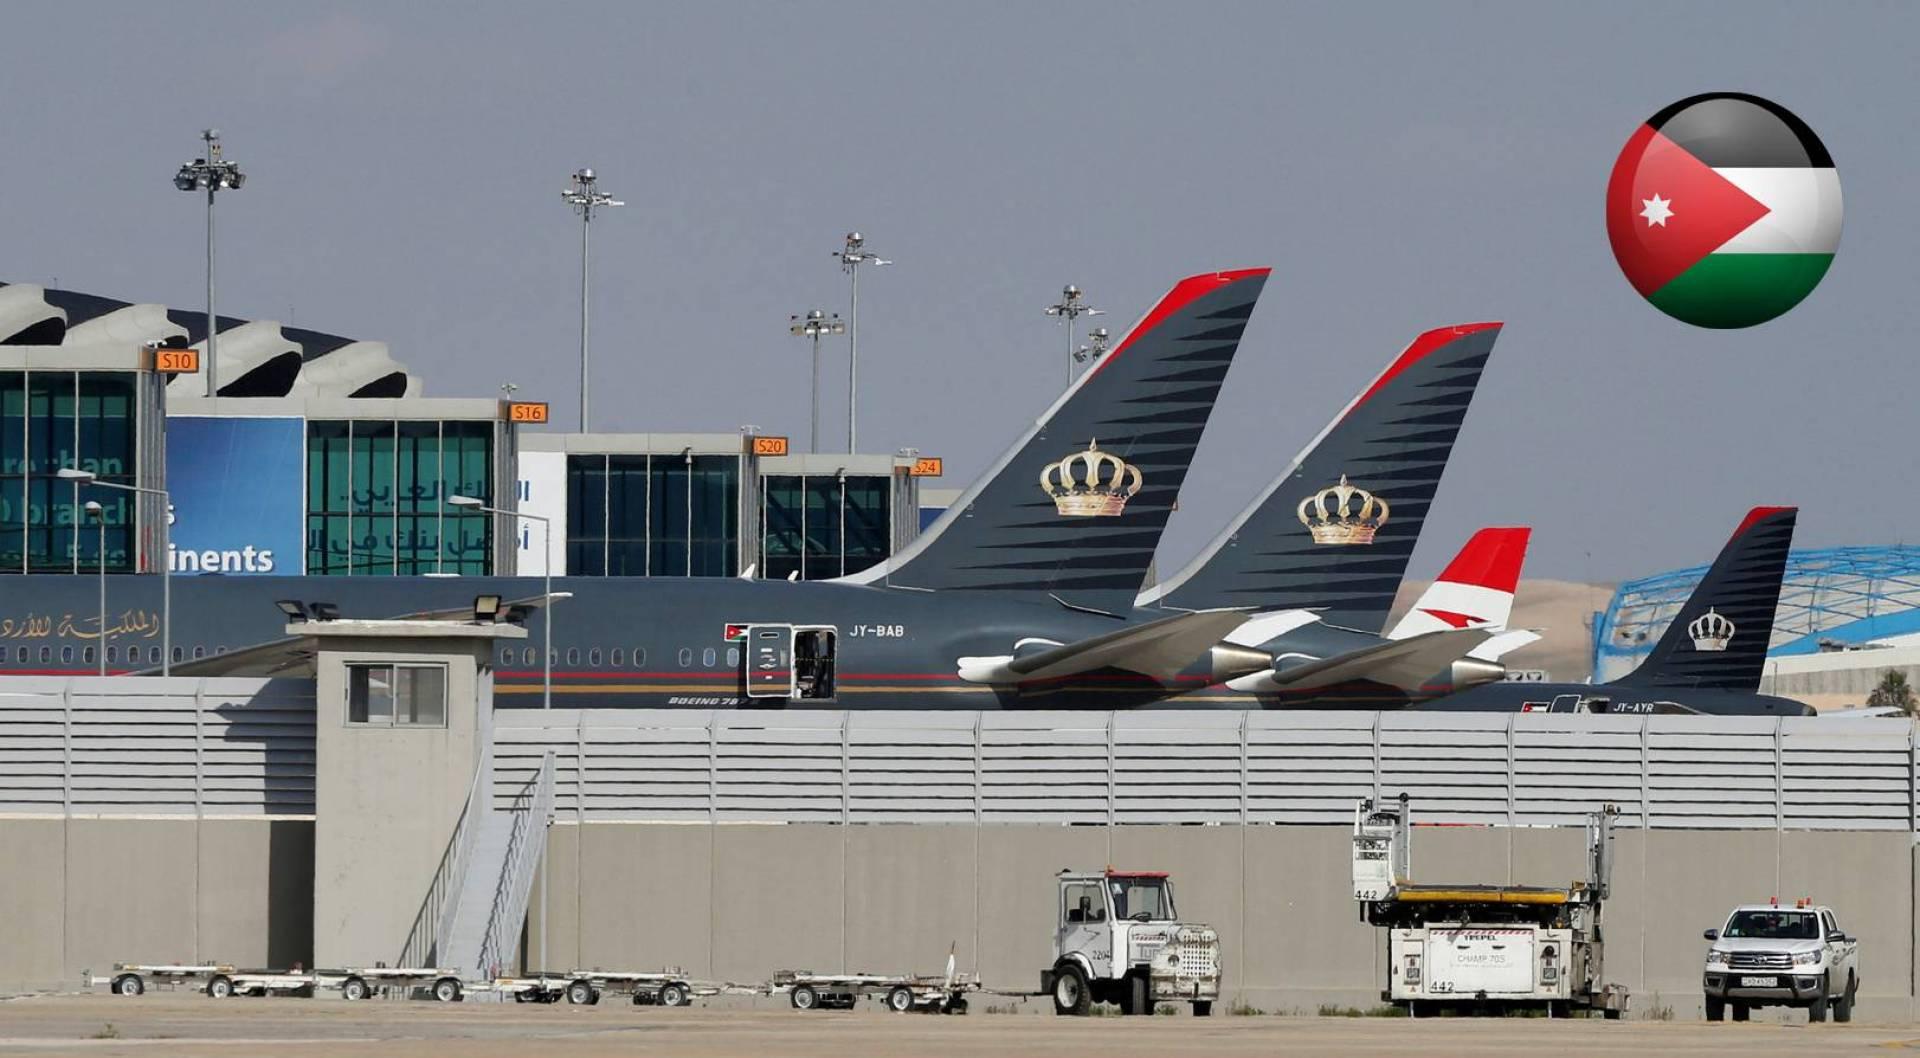 الأردن: إعادة فتح المطار للرحلات التجارية.. الشهر المقبل